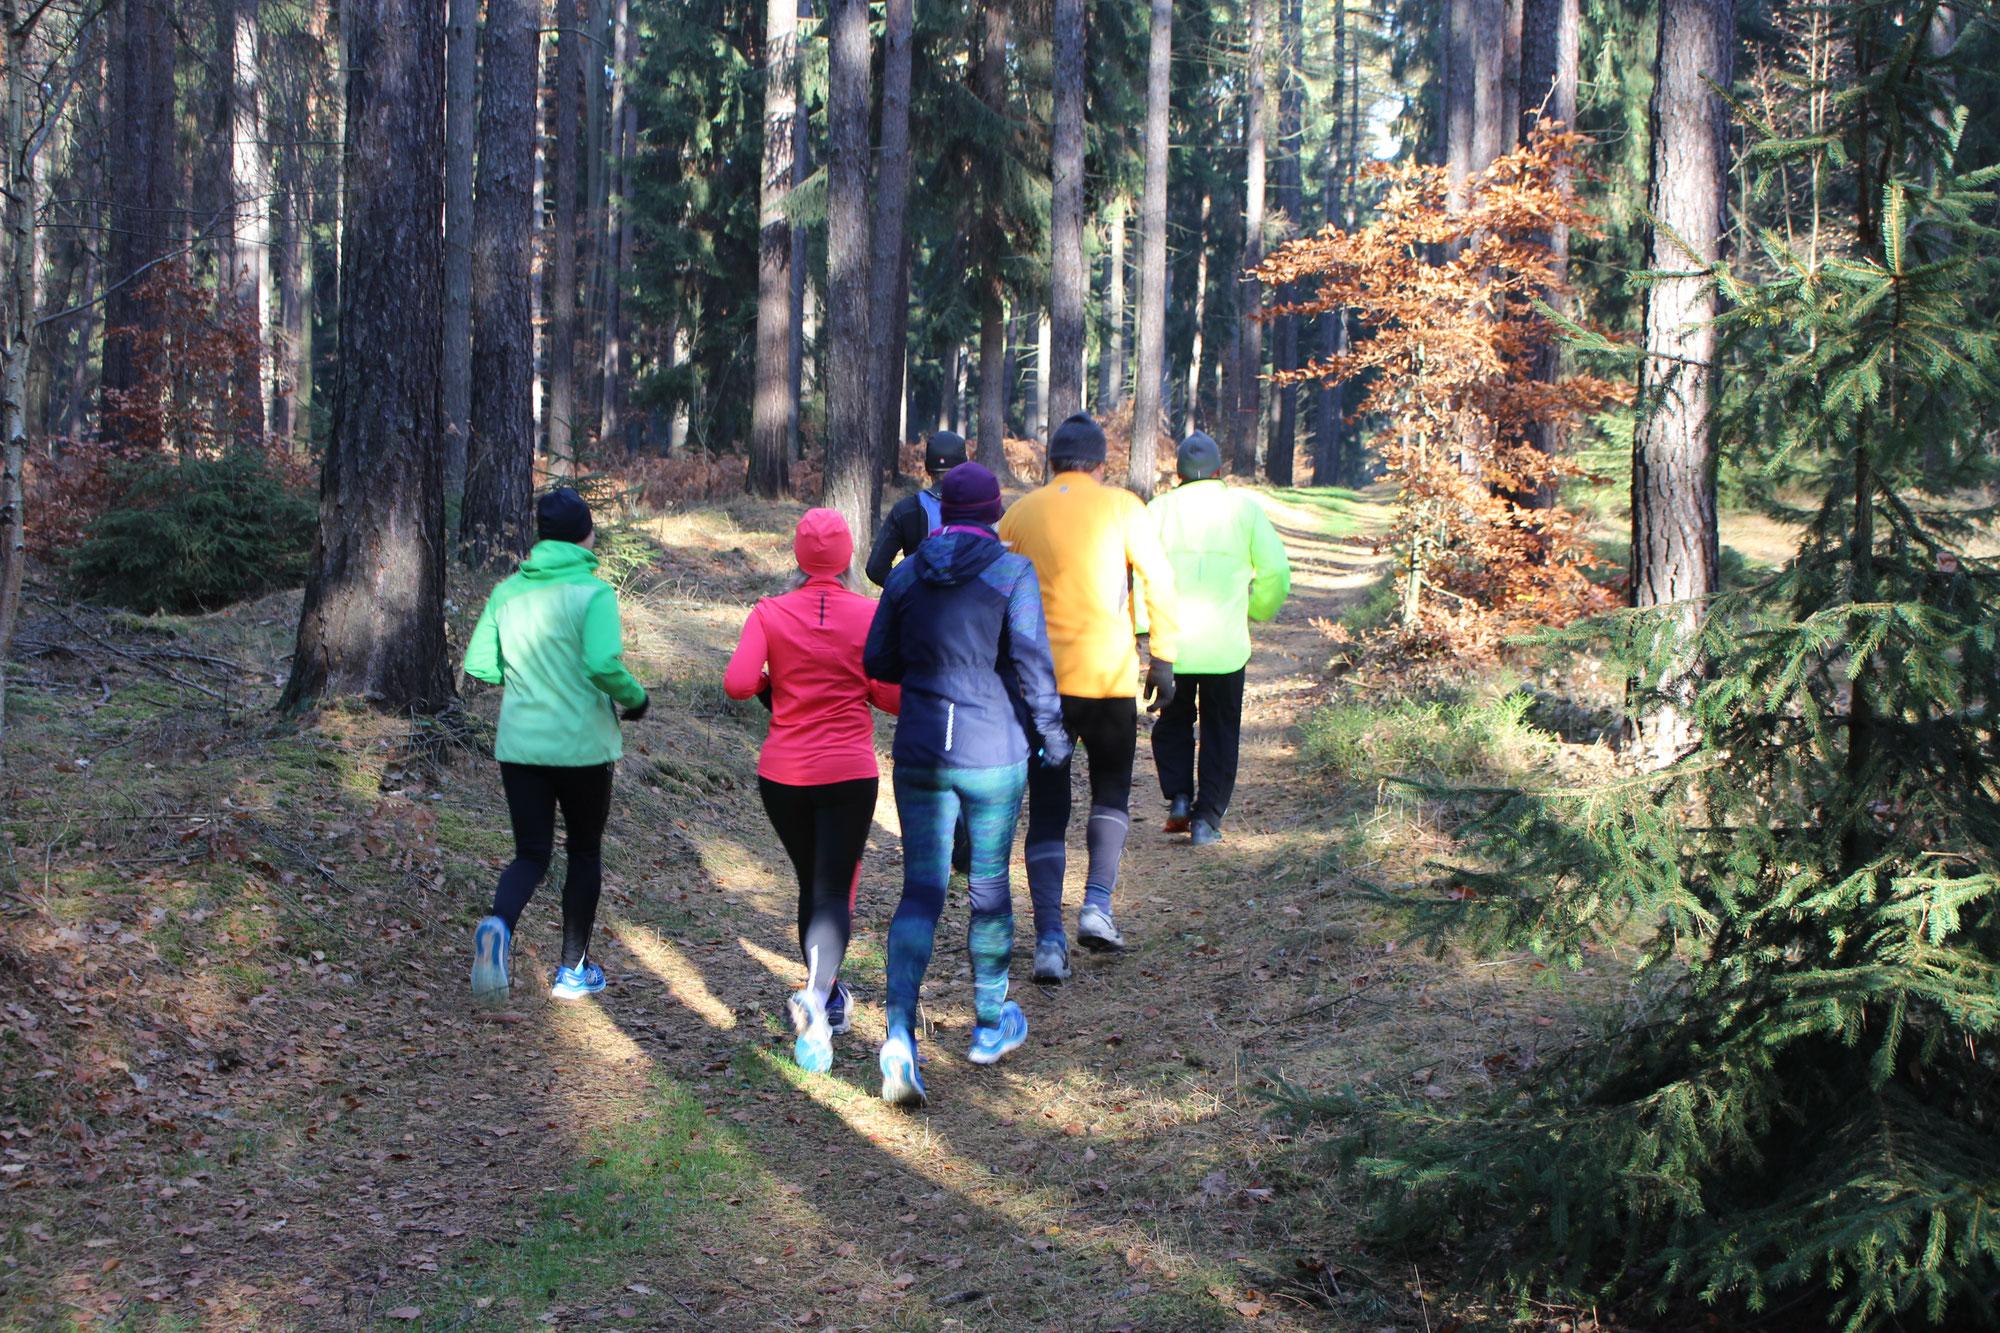 Warum ist das Laufen im Wald so gesund? Teil 1 von 2